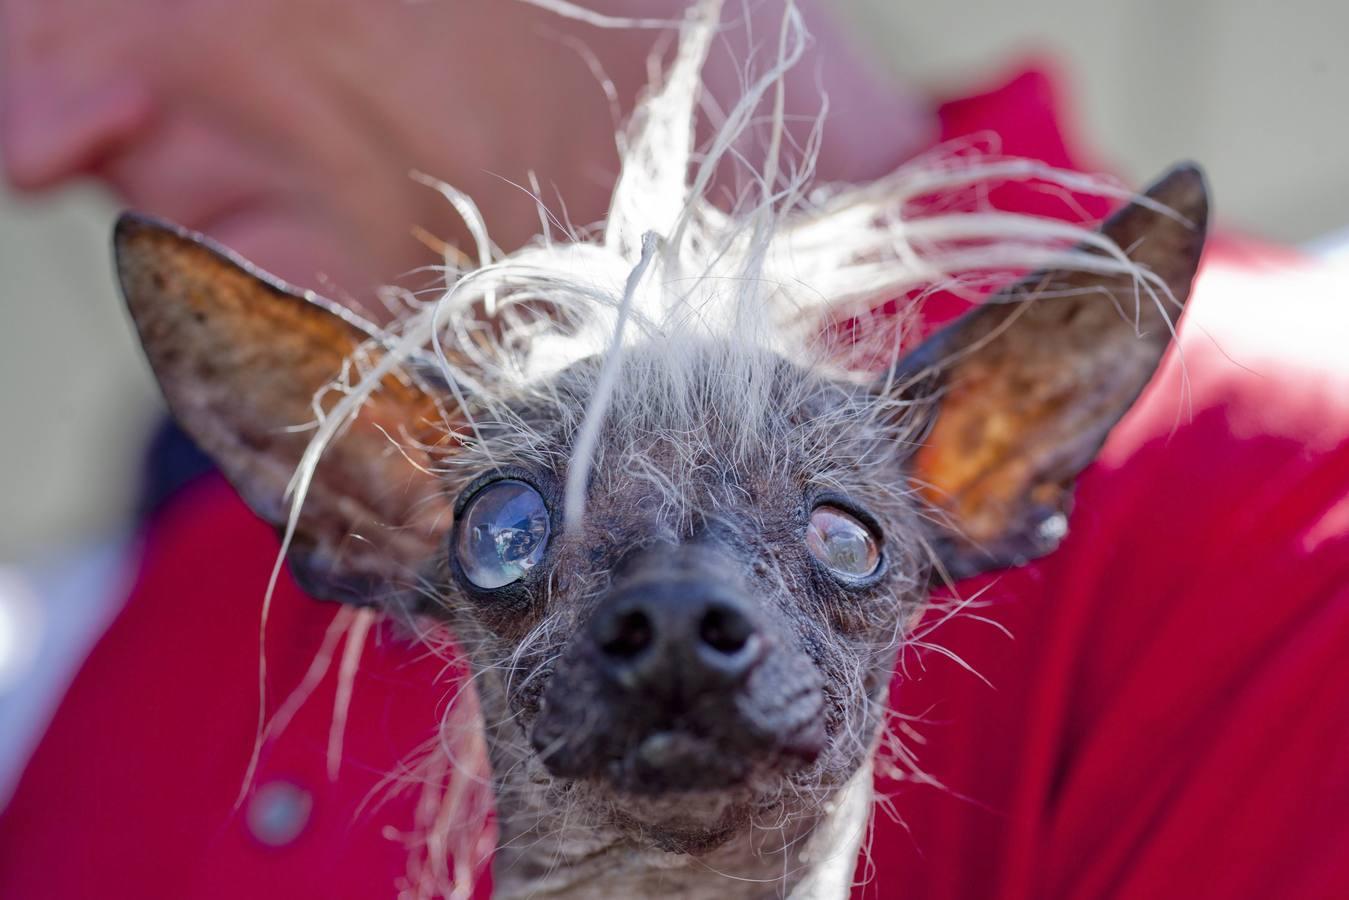 Dueño del perro más feo del mundo es acusado de jugar con la salud del animal